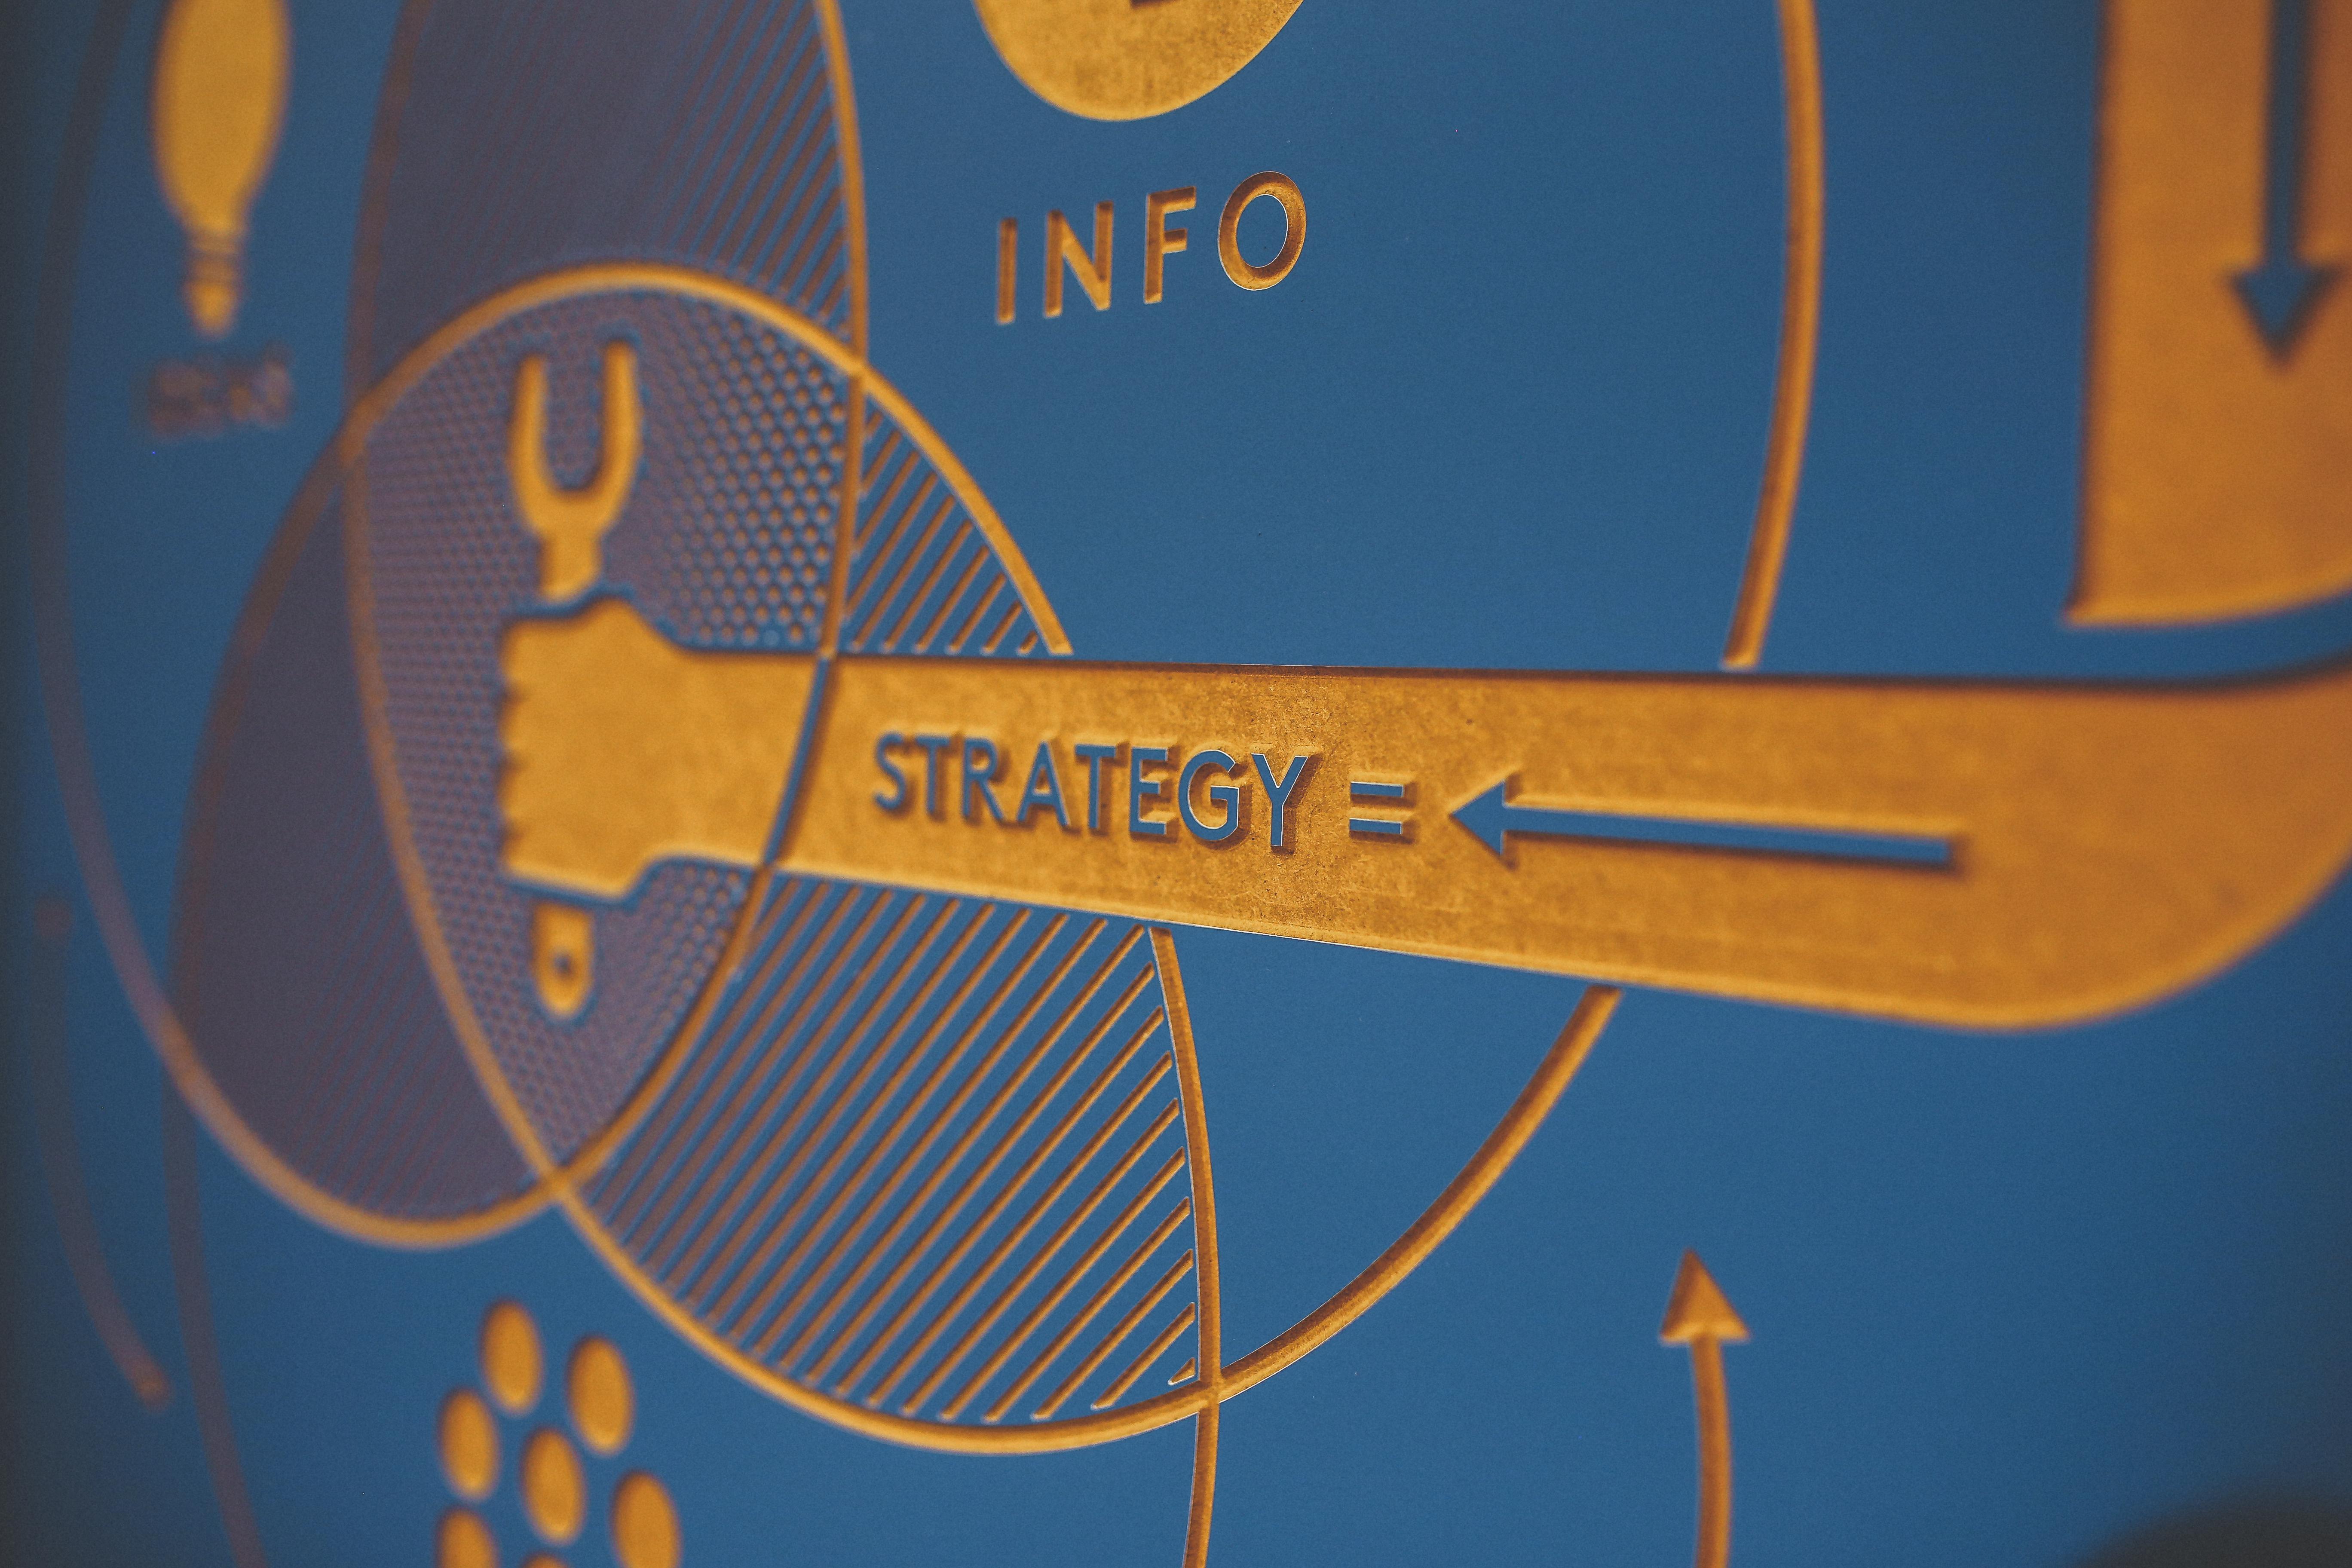 Come trovare nuovi clienti: marketing strategico, qualche consiglio!